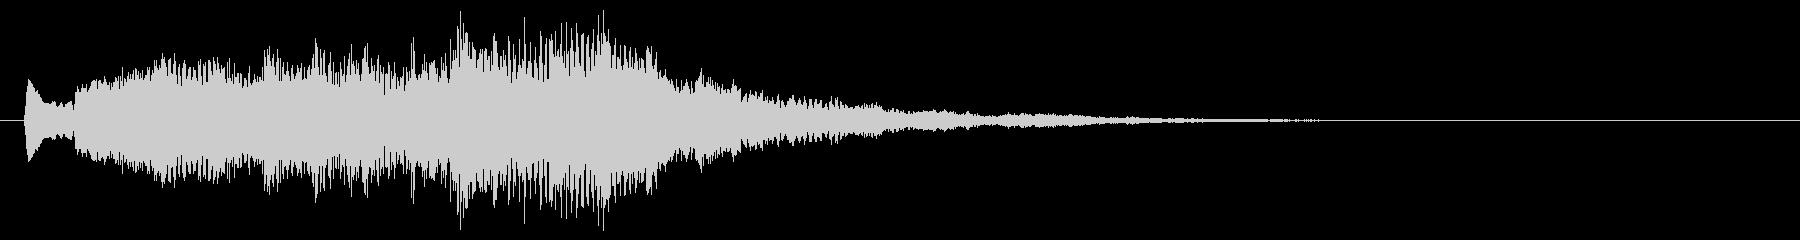 ピアノの悲しげなジングル・場面転換の未再生の波形